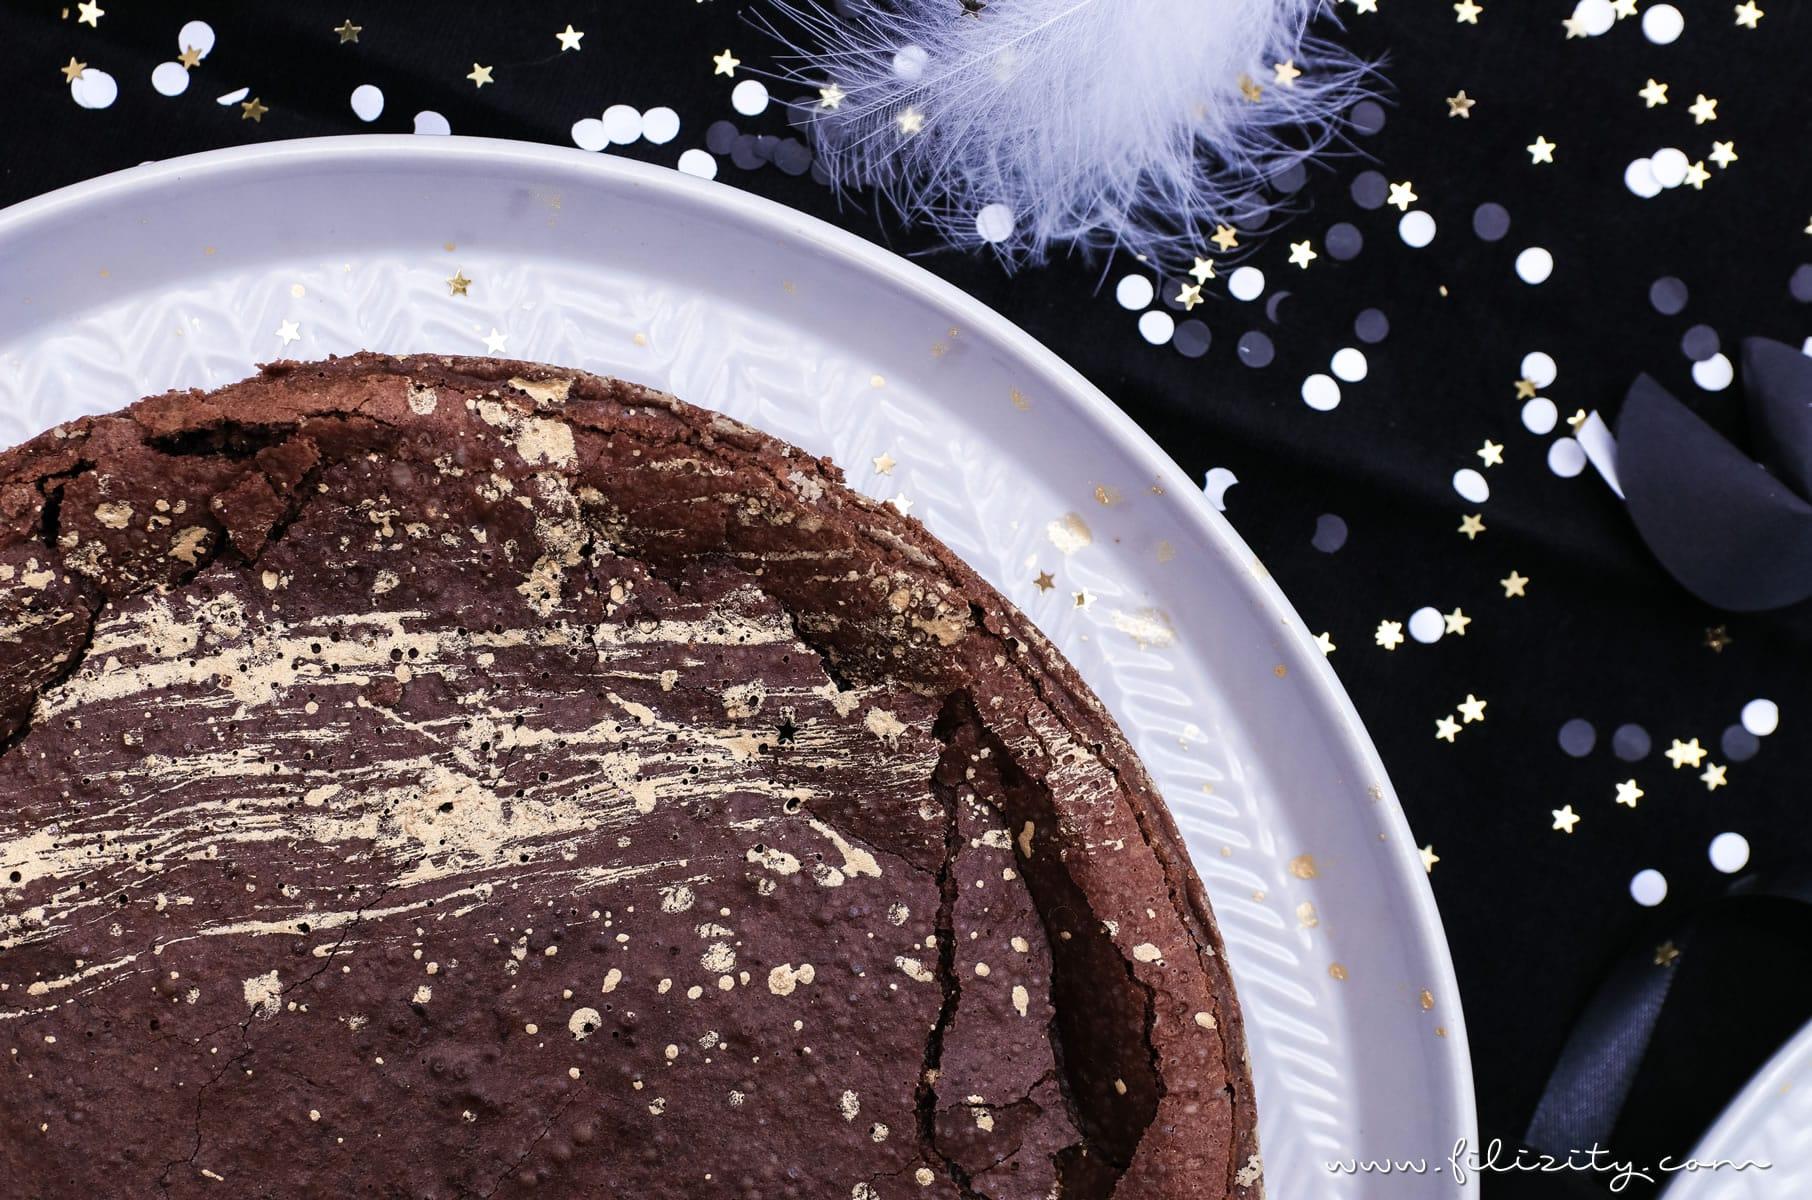 Silvester-Dessert Rezept: Mississippi Mud Pie mit Gold-Dekor backen für Schokoholics | Filizity.com | Food-Blog aus dem Rheinland #nomatterwhatthequestionischocolateistheanswer #silvester #nye #dessert